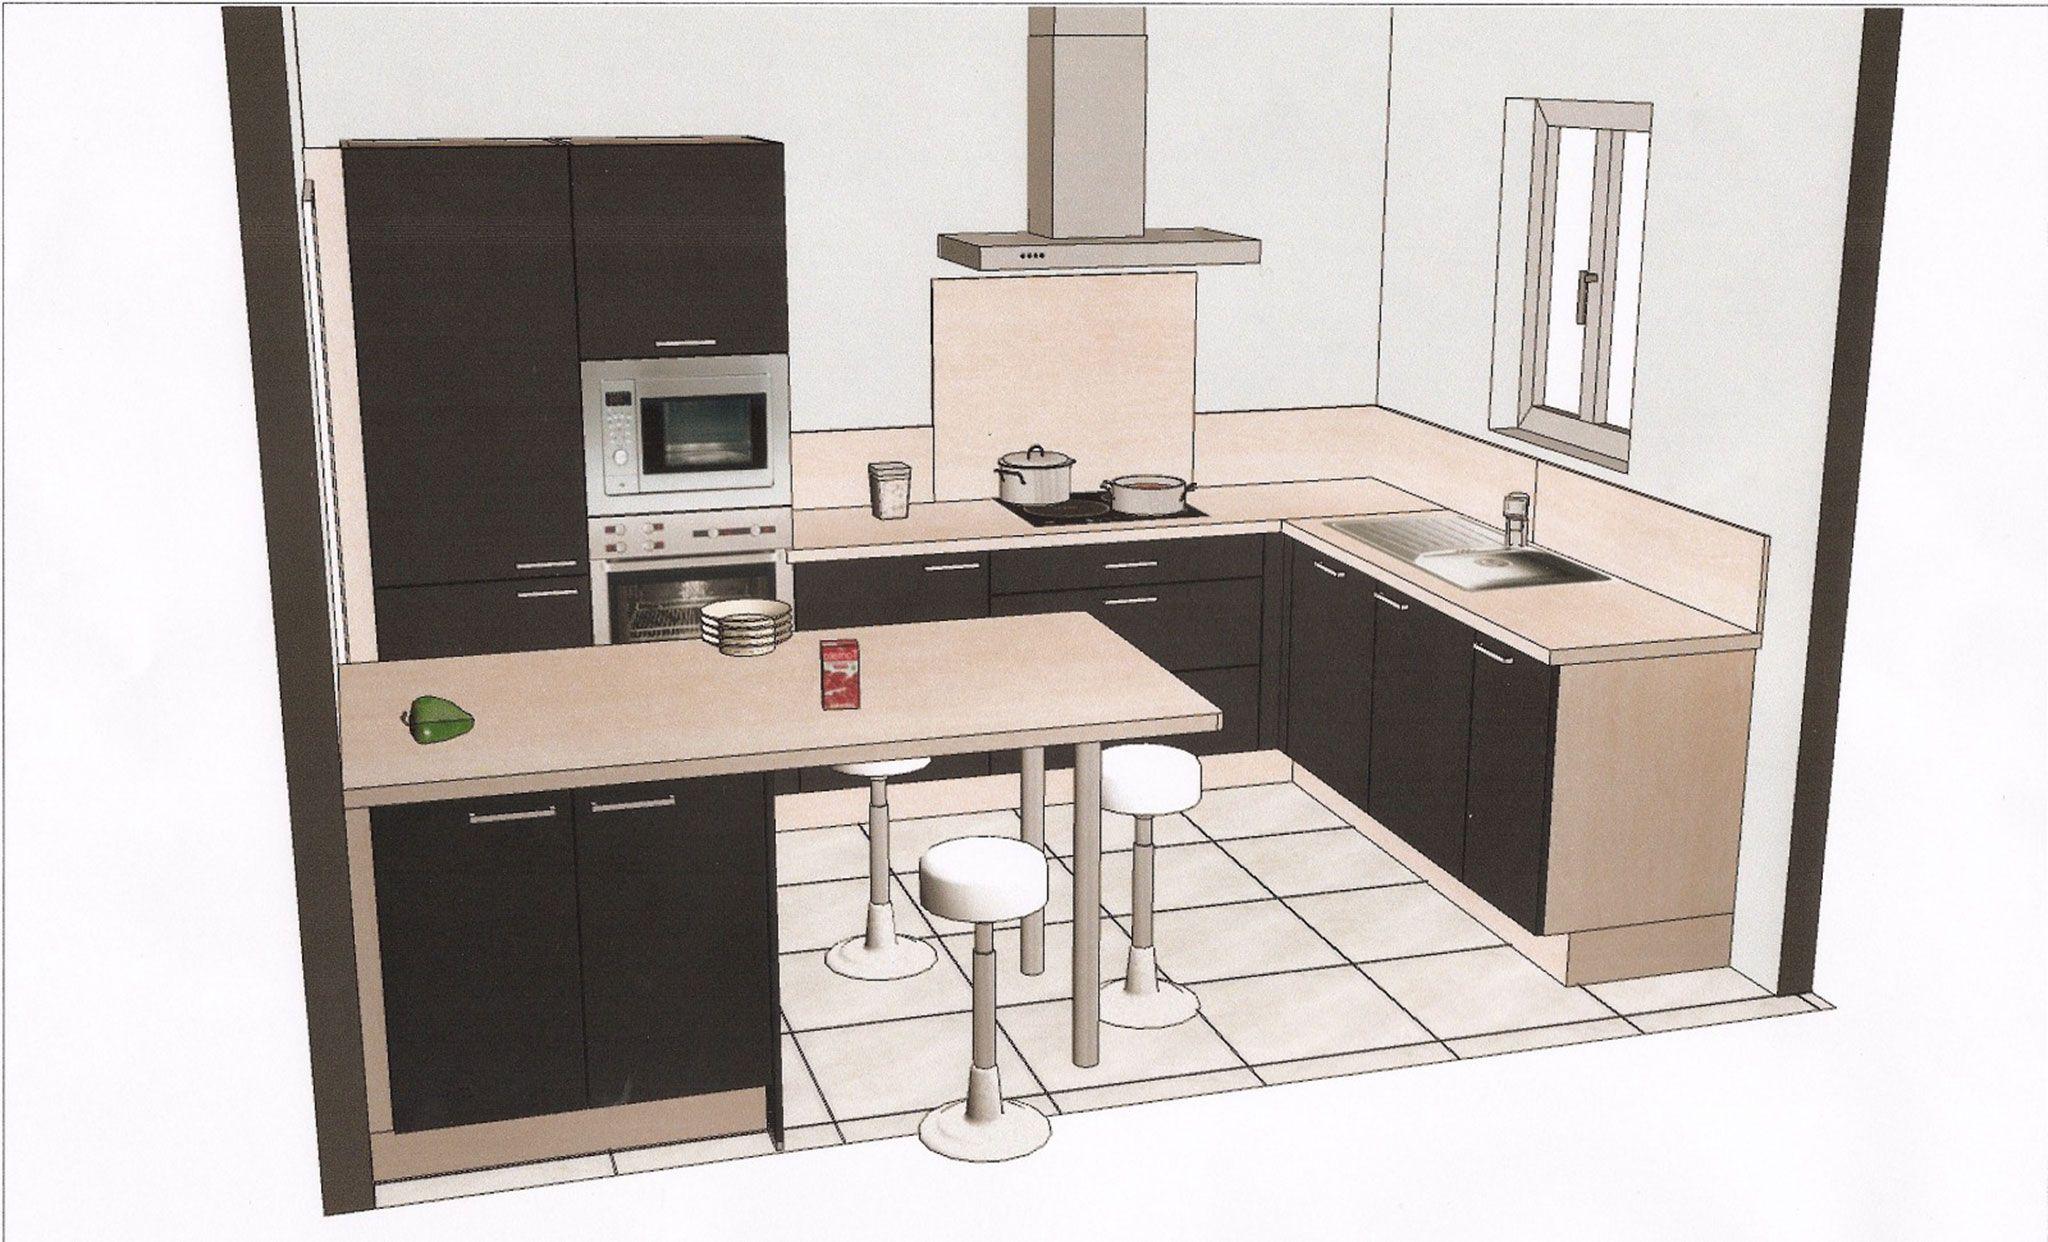 Plans Cuisine Plan De Cuisine Pas Cher Sur Cuisinelareduccom - Plan de cuisine en u